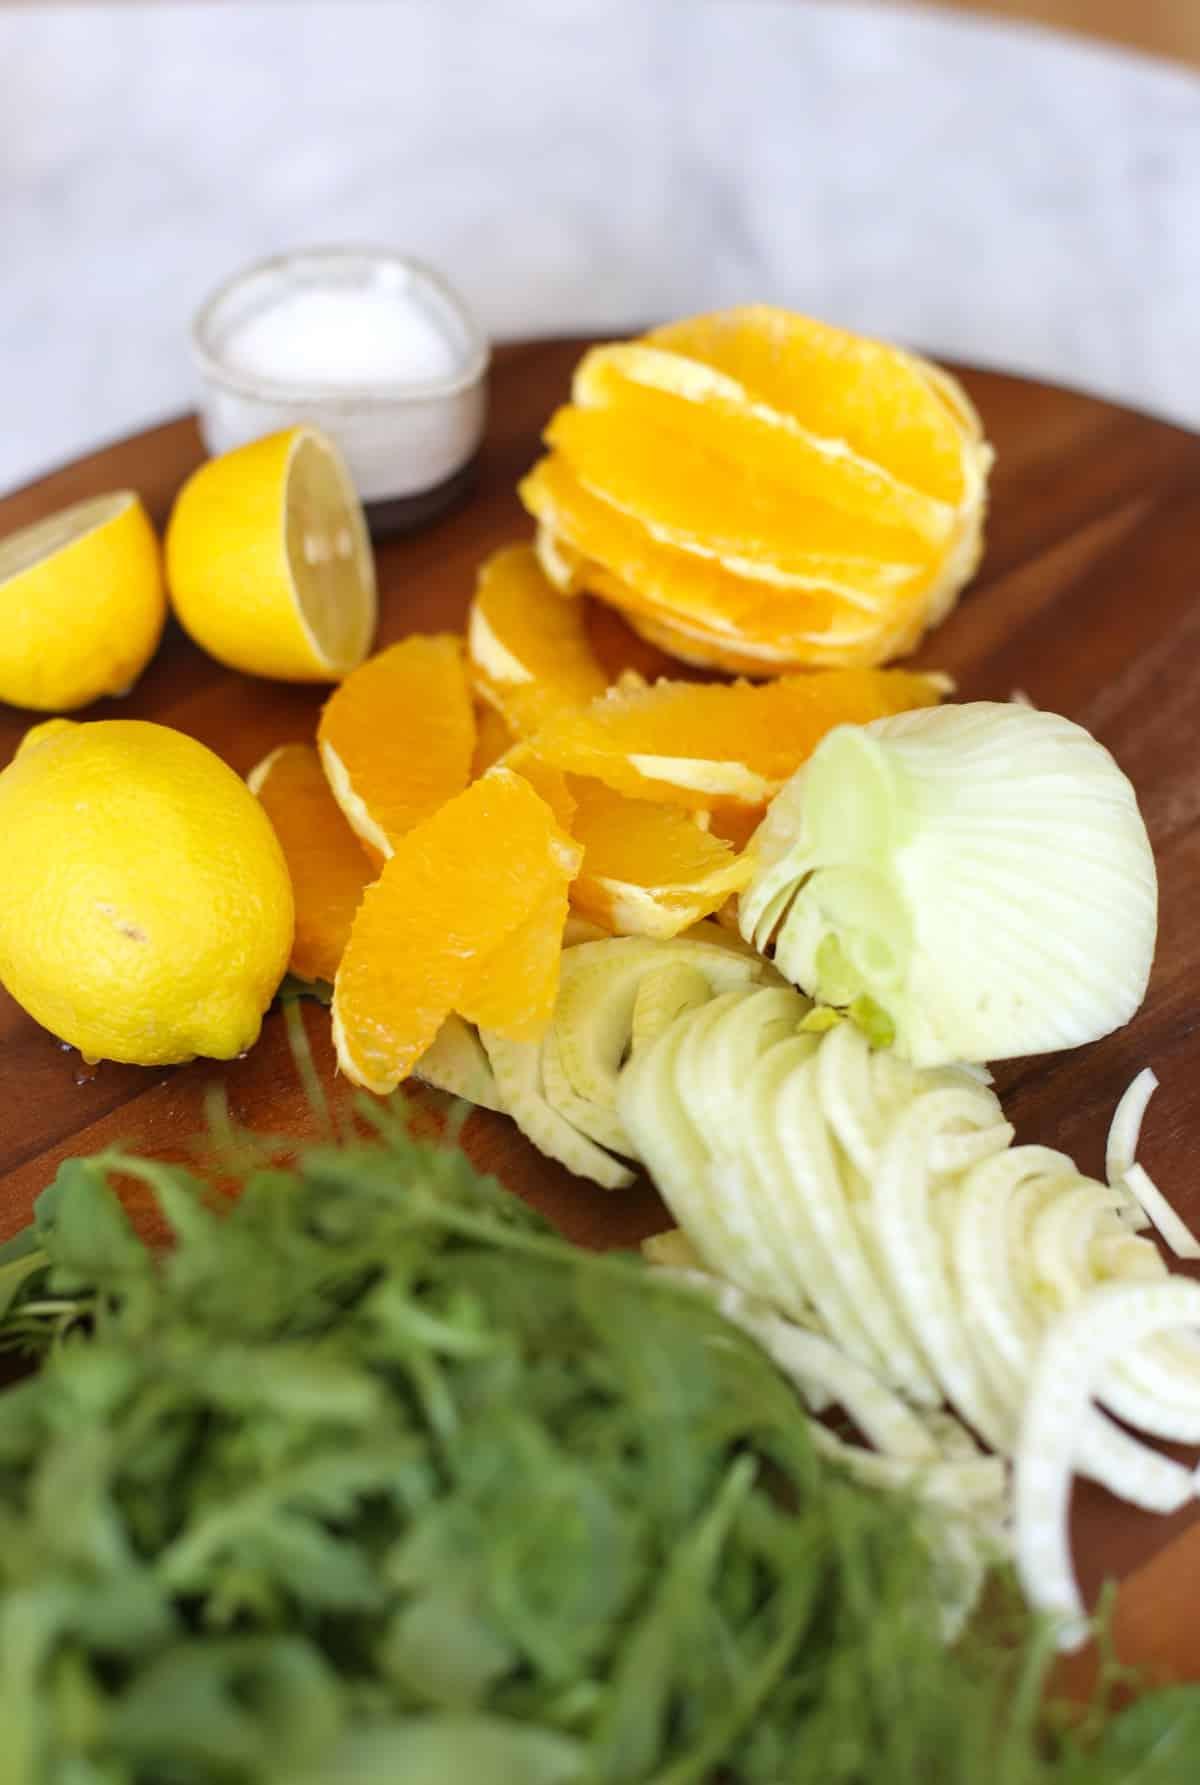 fennel and orange arugala salad recipe via @mystyelvita